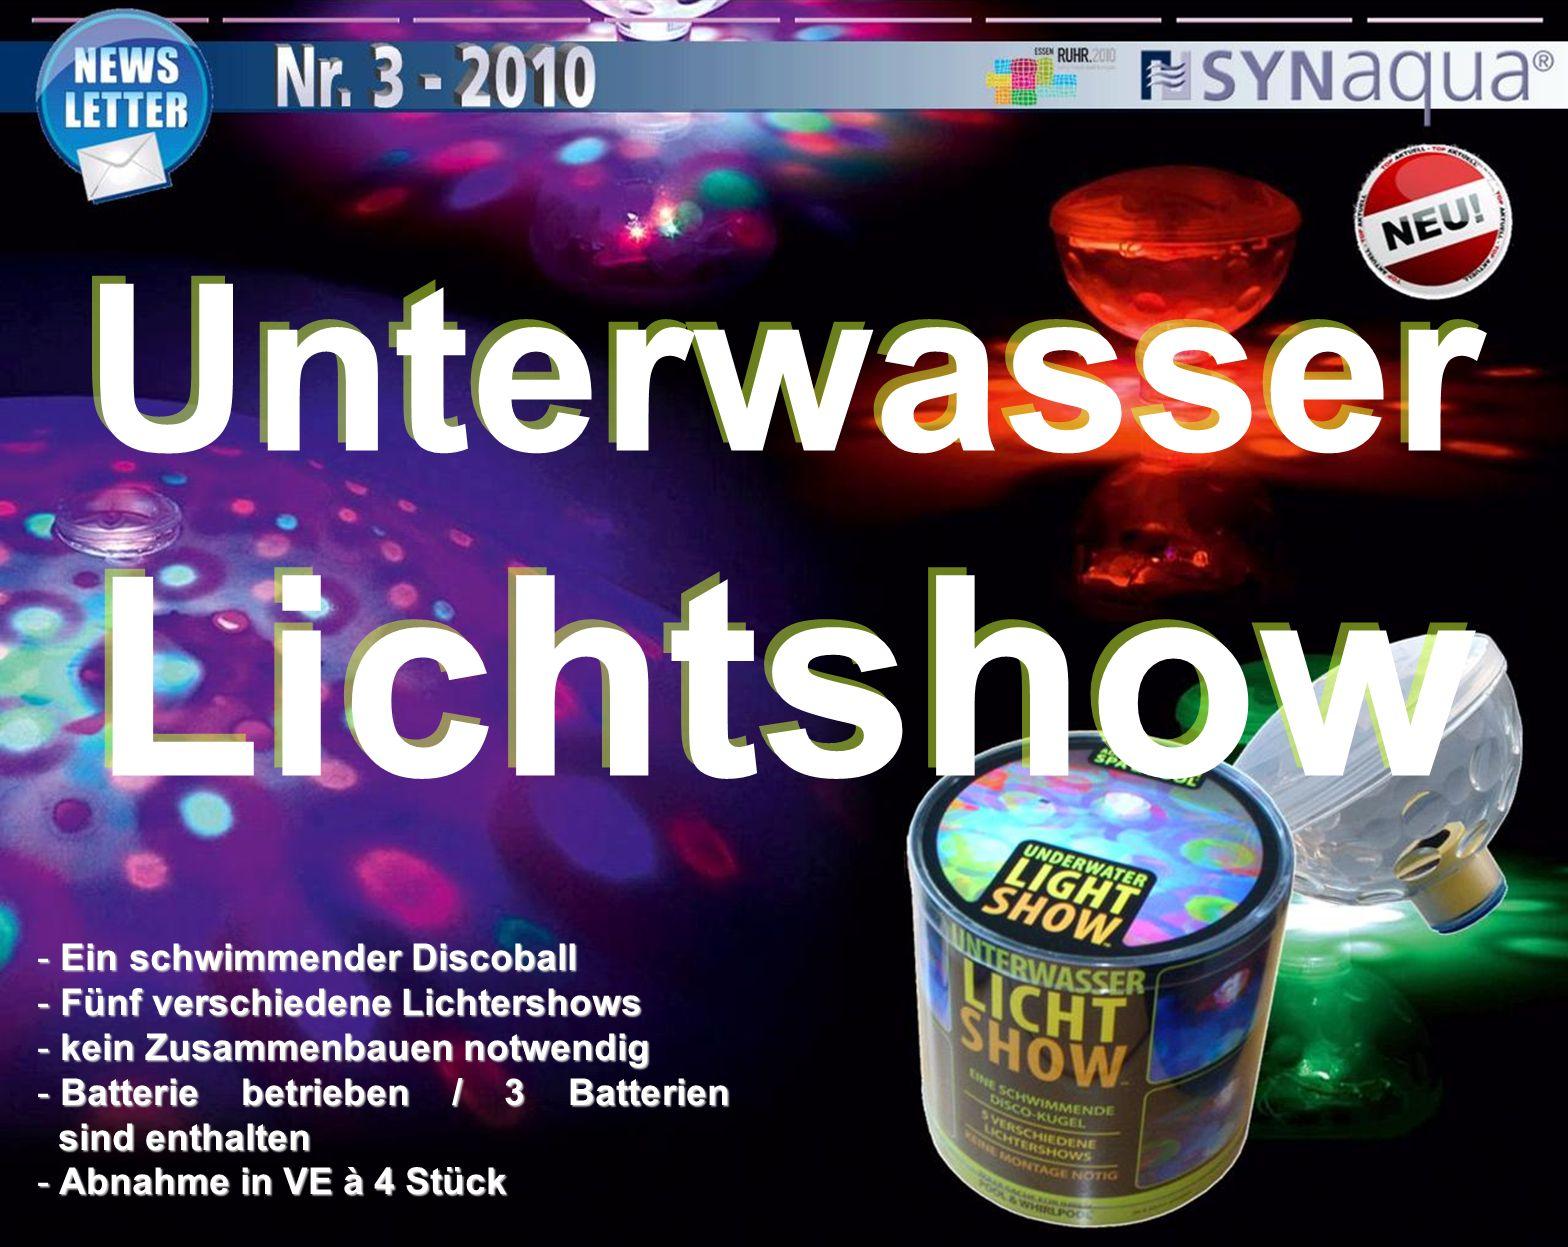 Unterwasser Lichtshow - Ein schwimmender Discoball - Fünf verschiedene Lichtershows - kein Zusammenbauen notwendig - Batterie betrieben / 3 Batterien sind enthalten - Abnahme in VE à 4 Stück